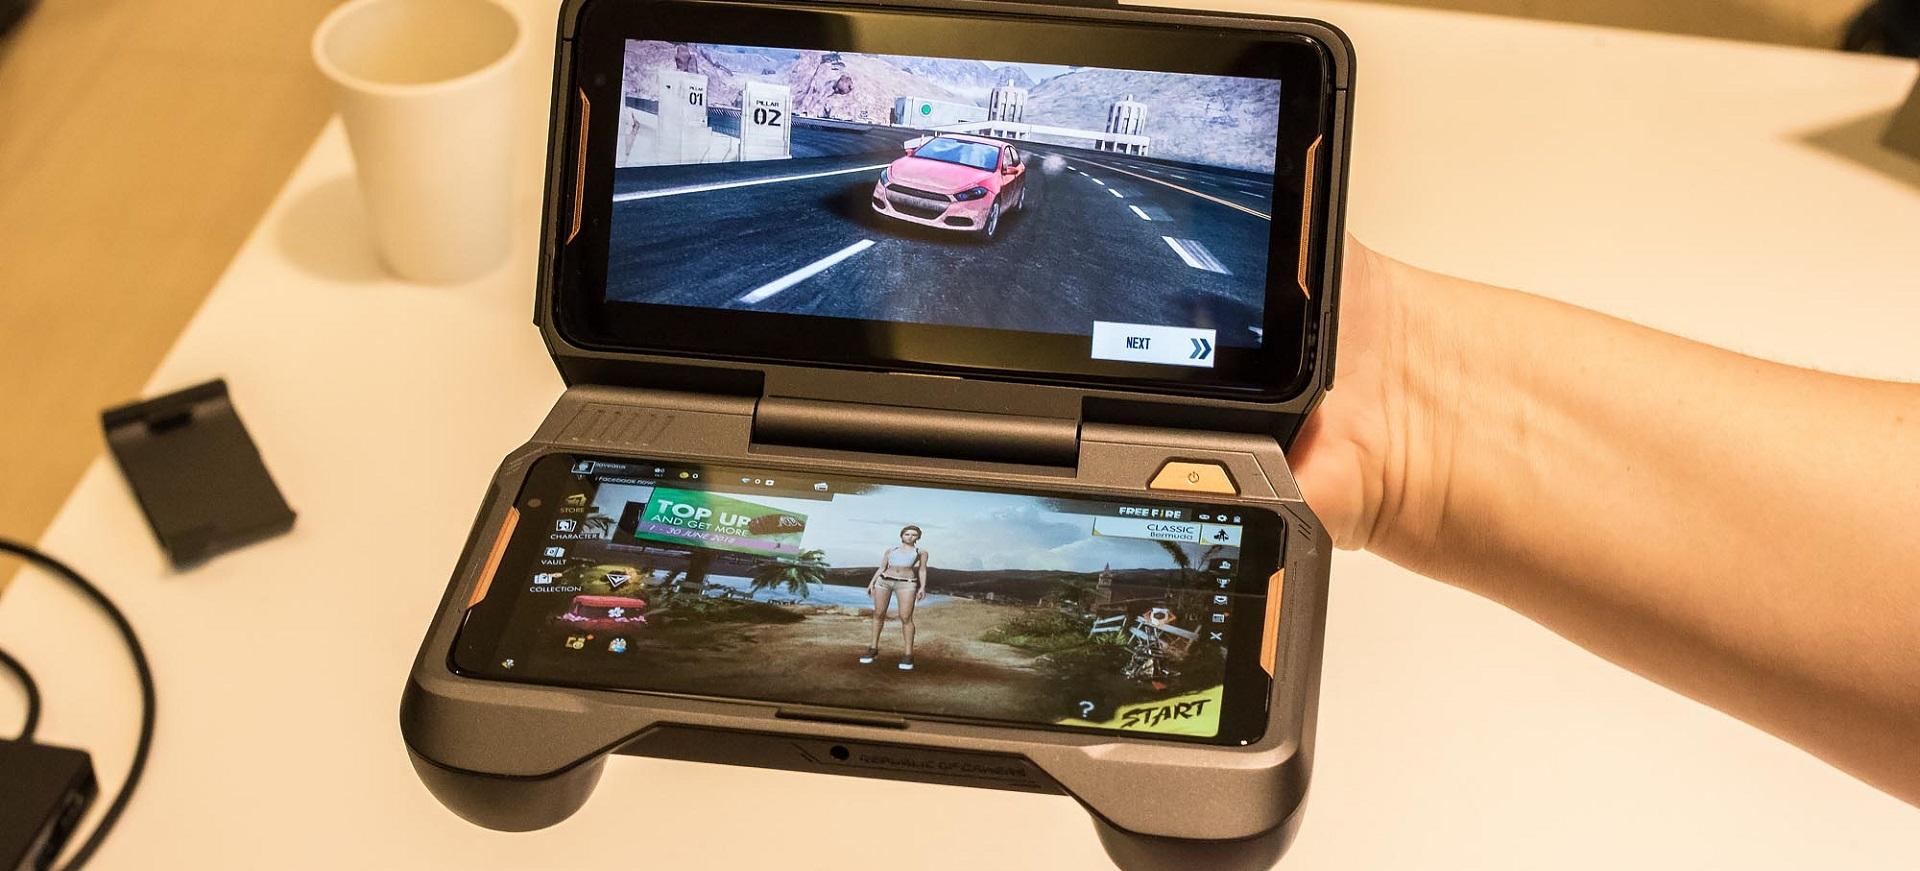 ASUS ROG Phone 2 sẽ được trang bị CPU Qualcomm Snapdragon 855 Plus